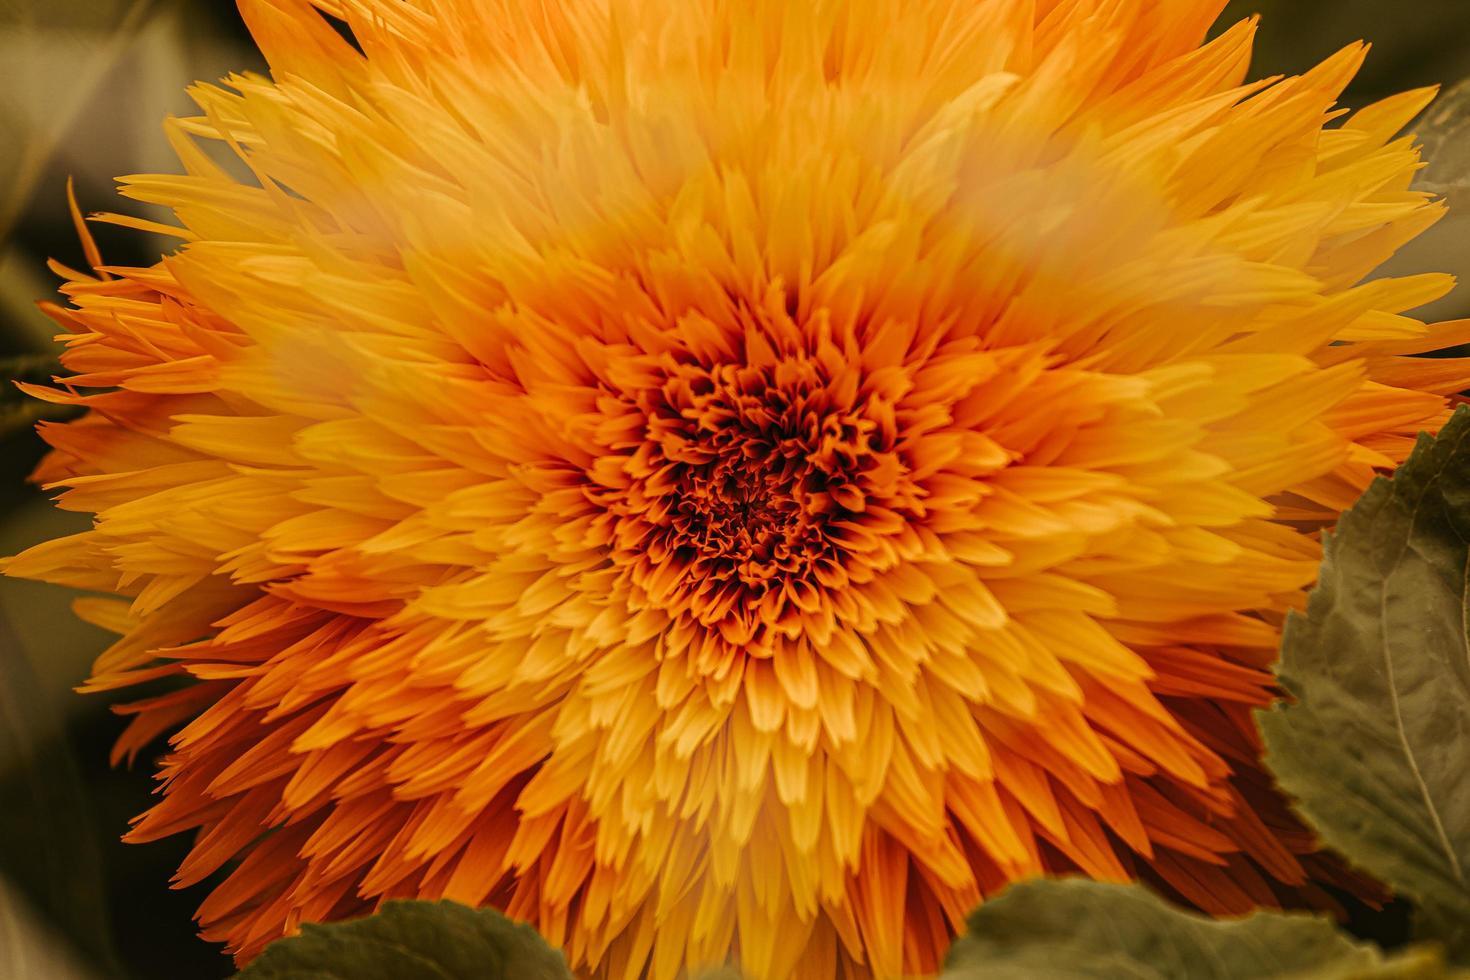 een gele en oranje bloem foto